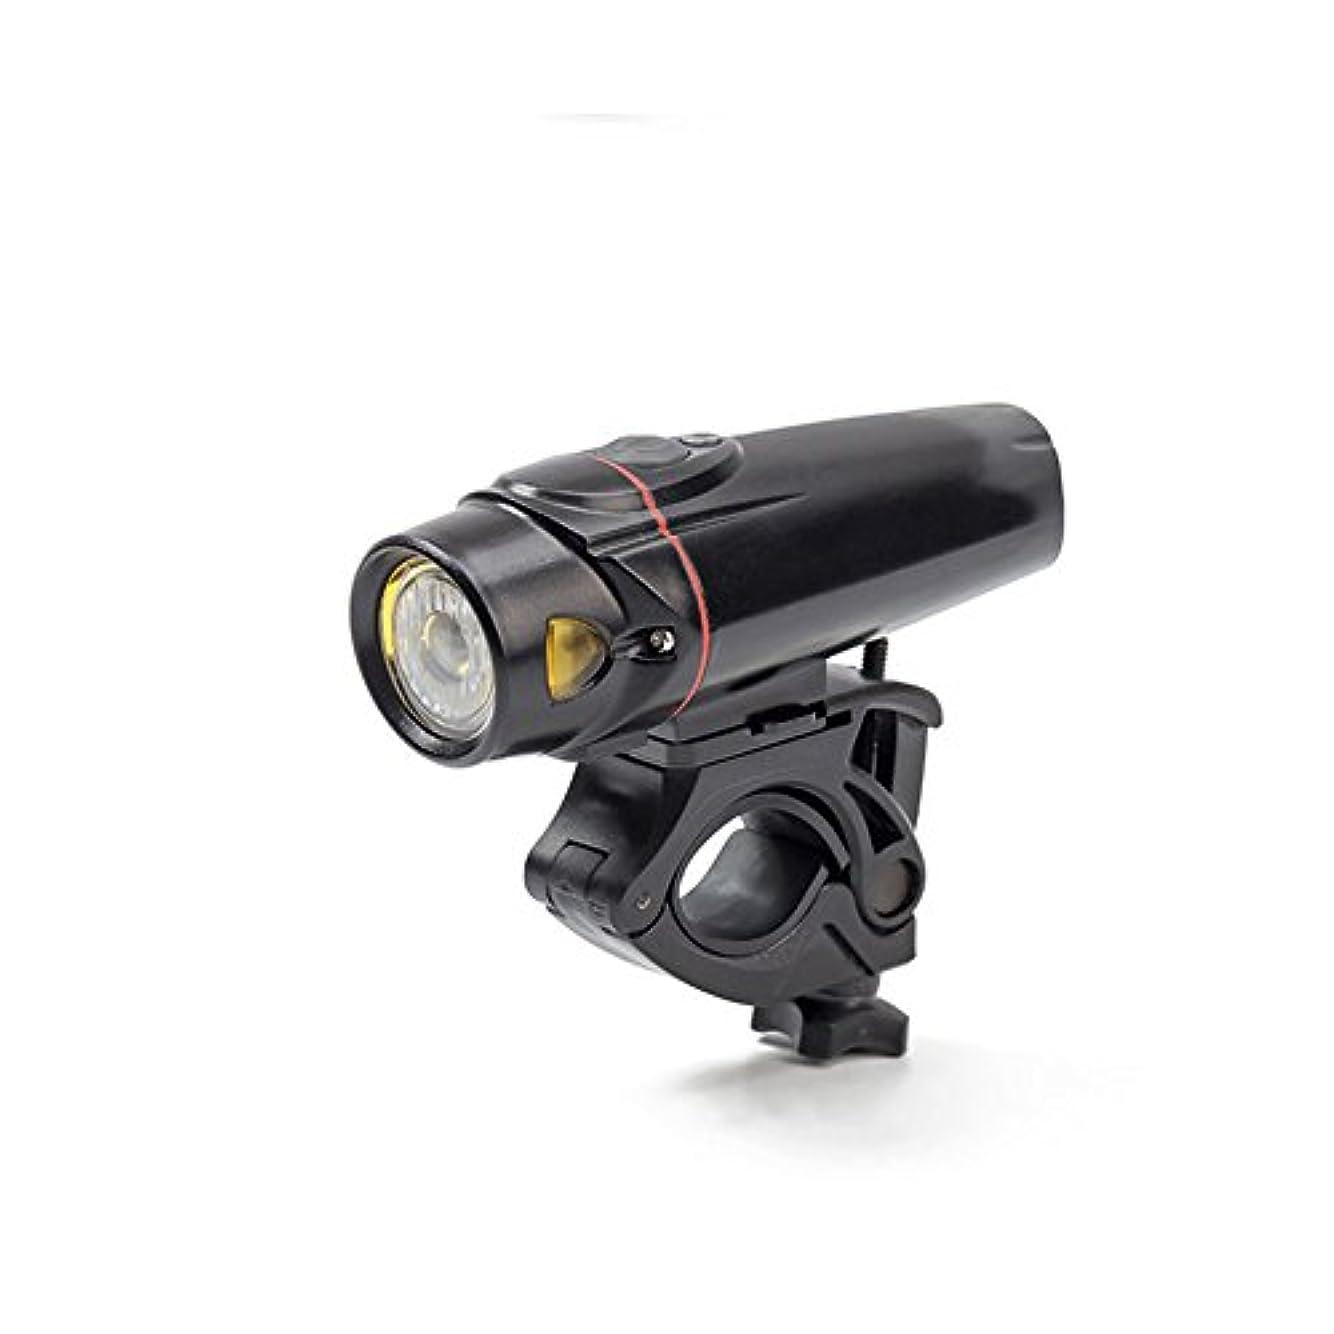 翻訳者チューブ二度RaiFu 自転車ヘッドライト USB充電式 取り外し可能 防水 多機能 キャンプ用 ランプ 緊急時の警告灯 懐中電灯